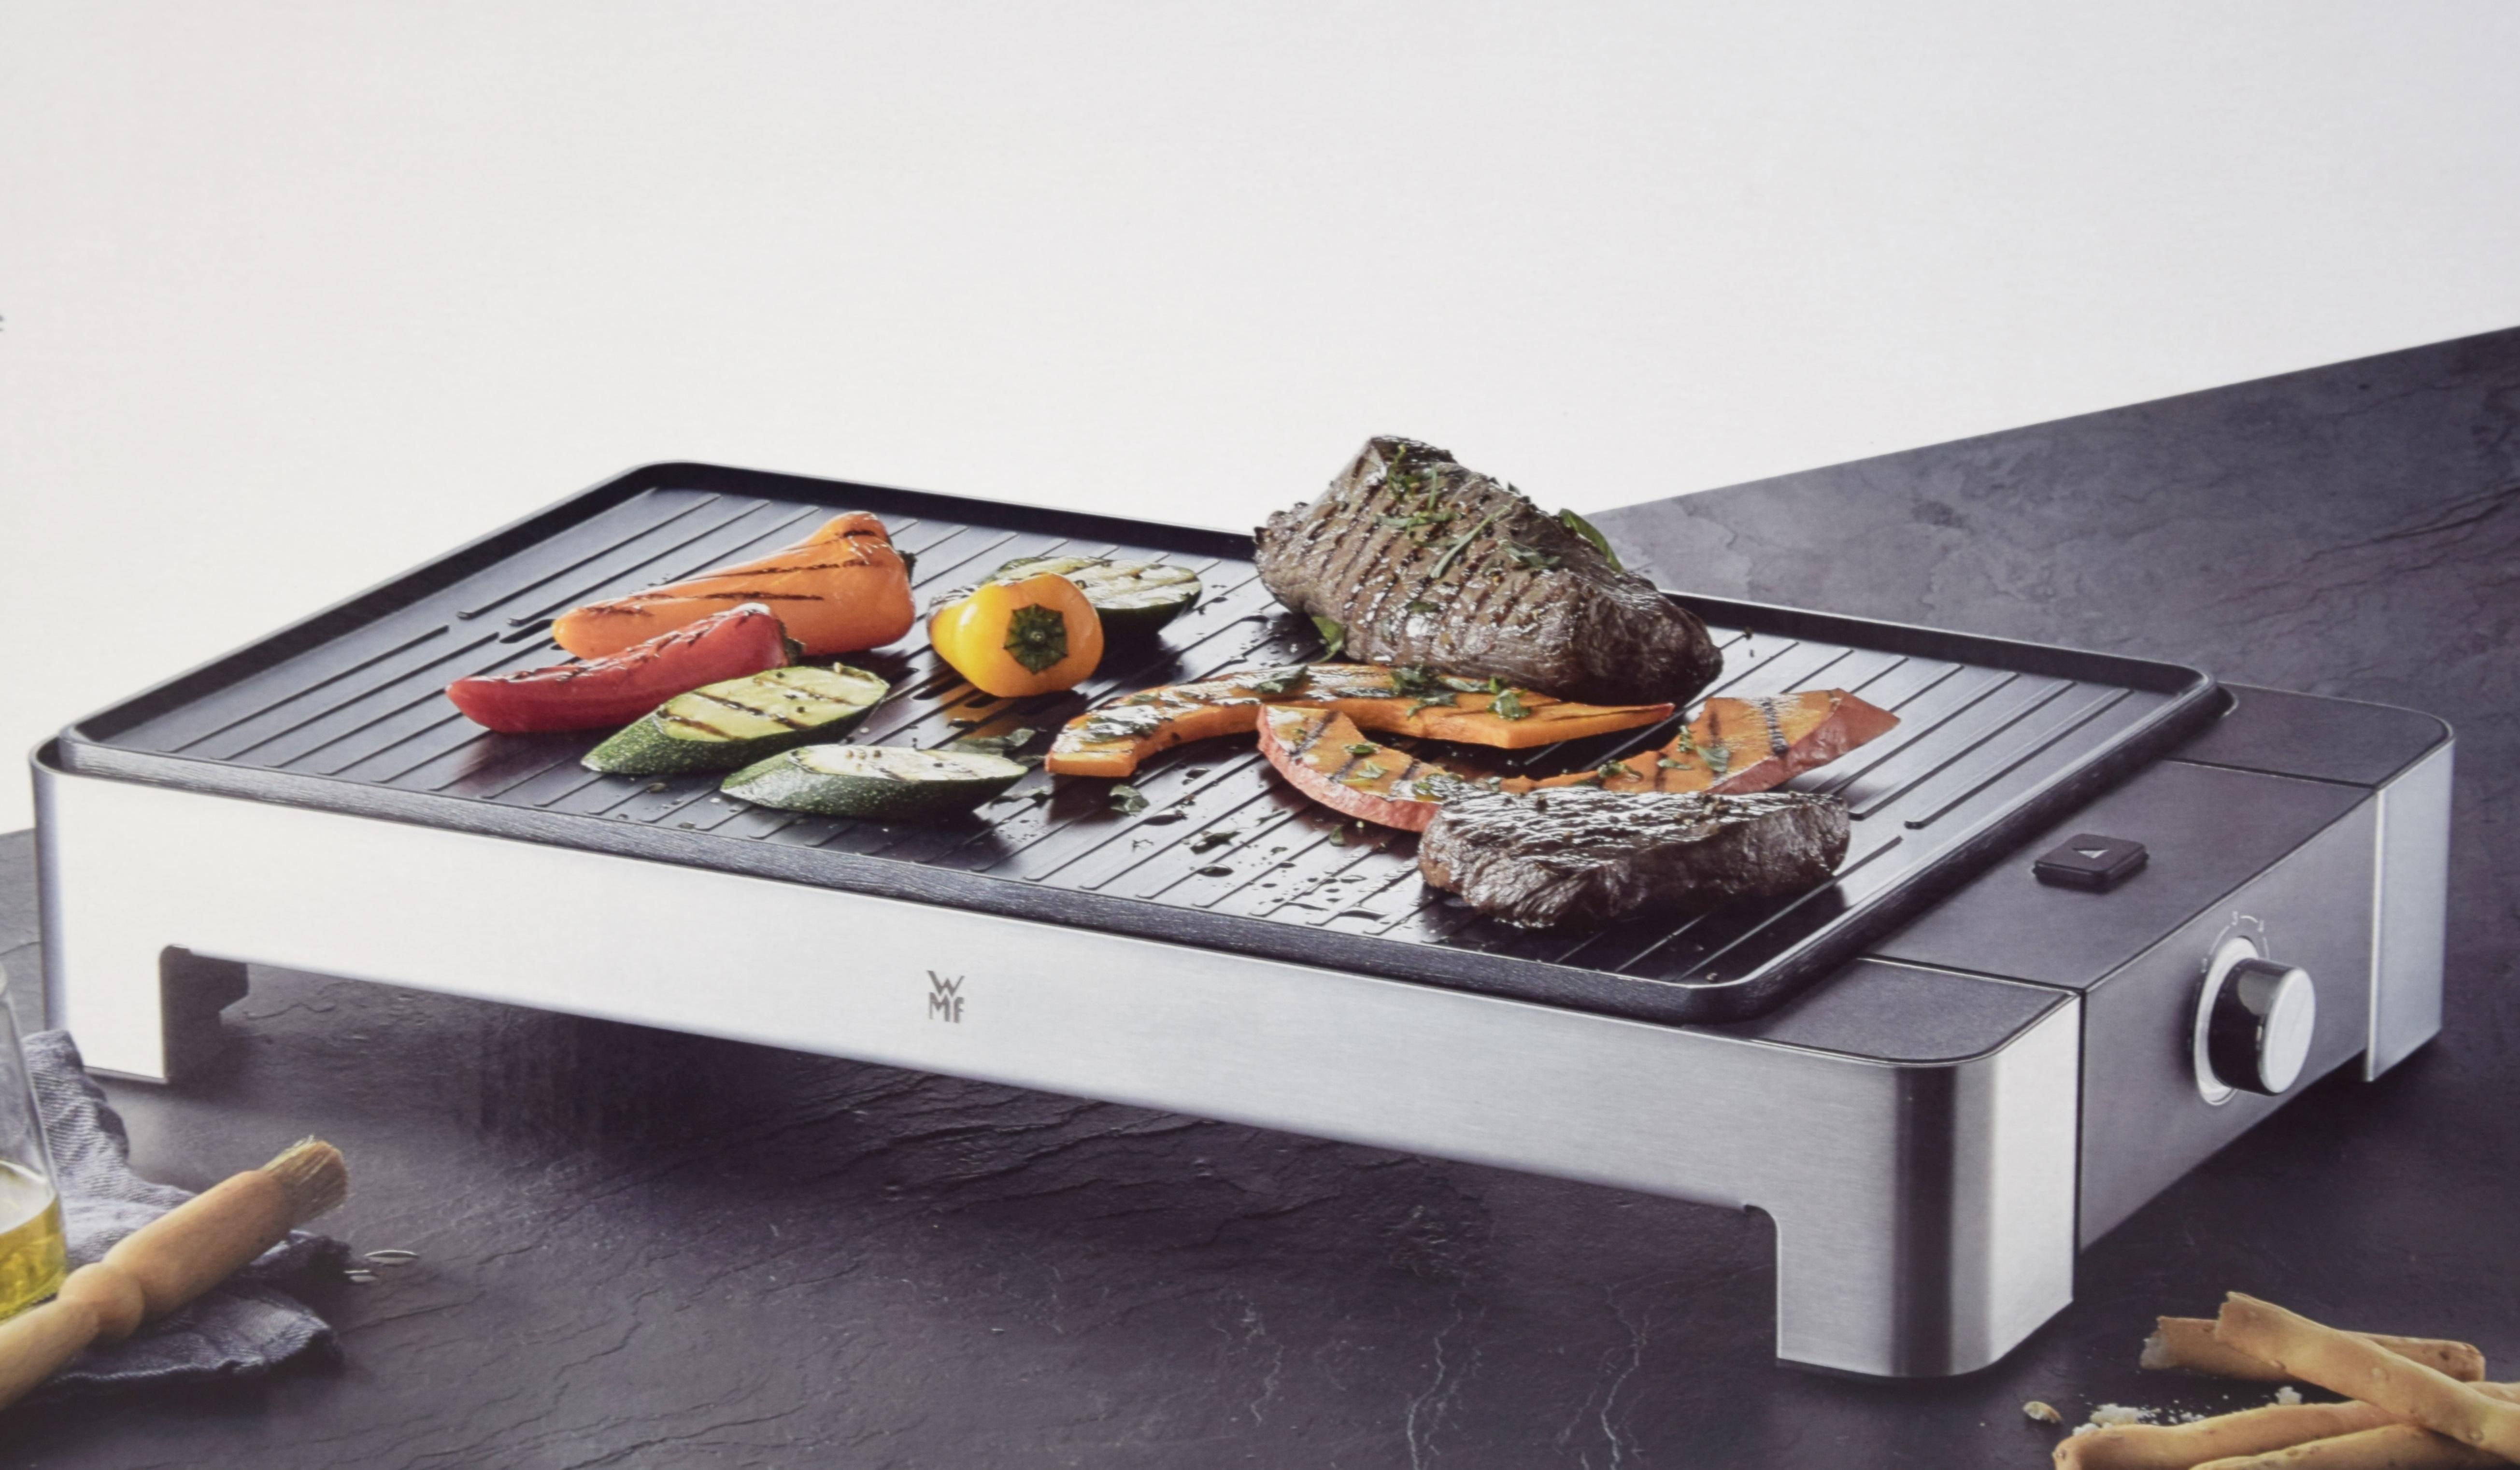 Wmf Elektrogrill Quadro : Wmf lono tischgrill quadro elektrogrill mit kompakter grillfläche